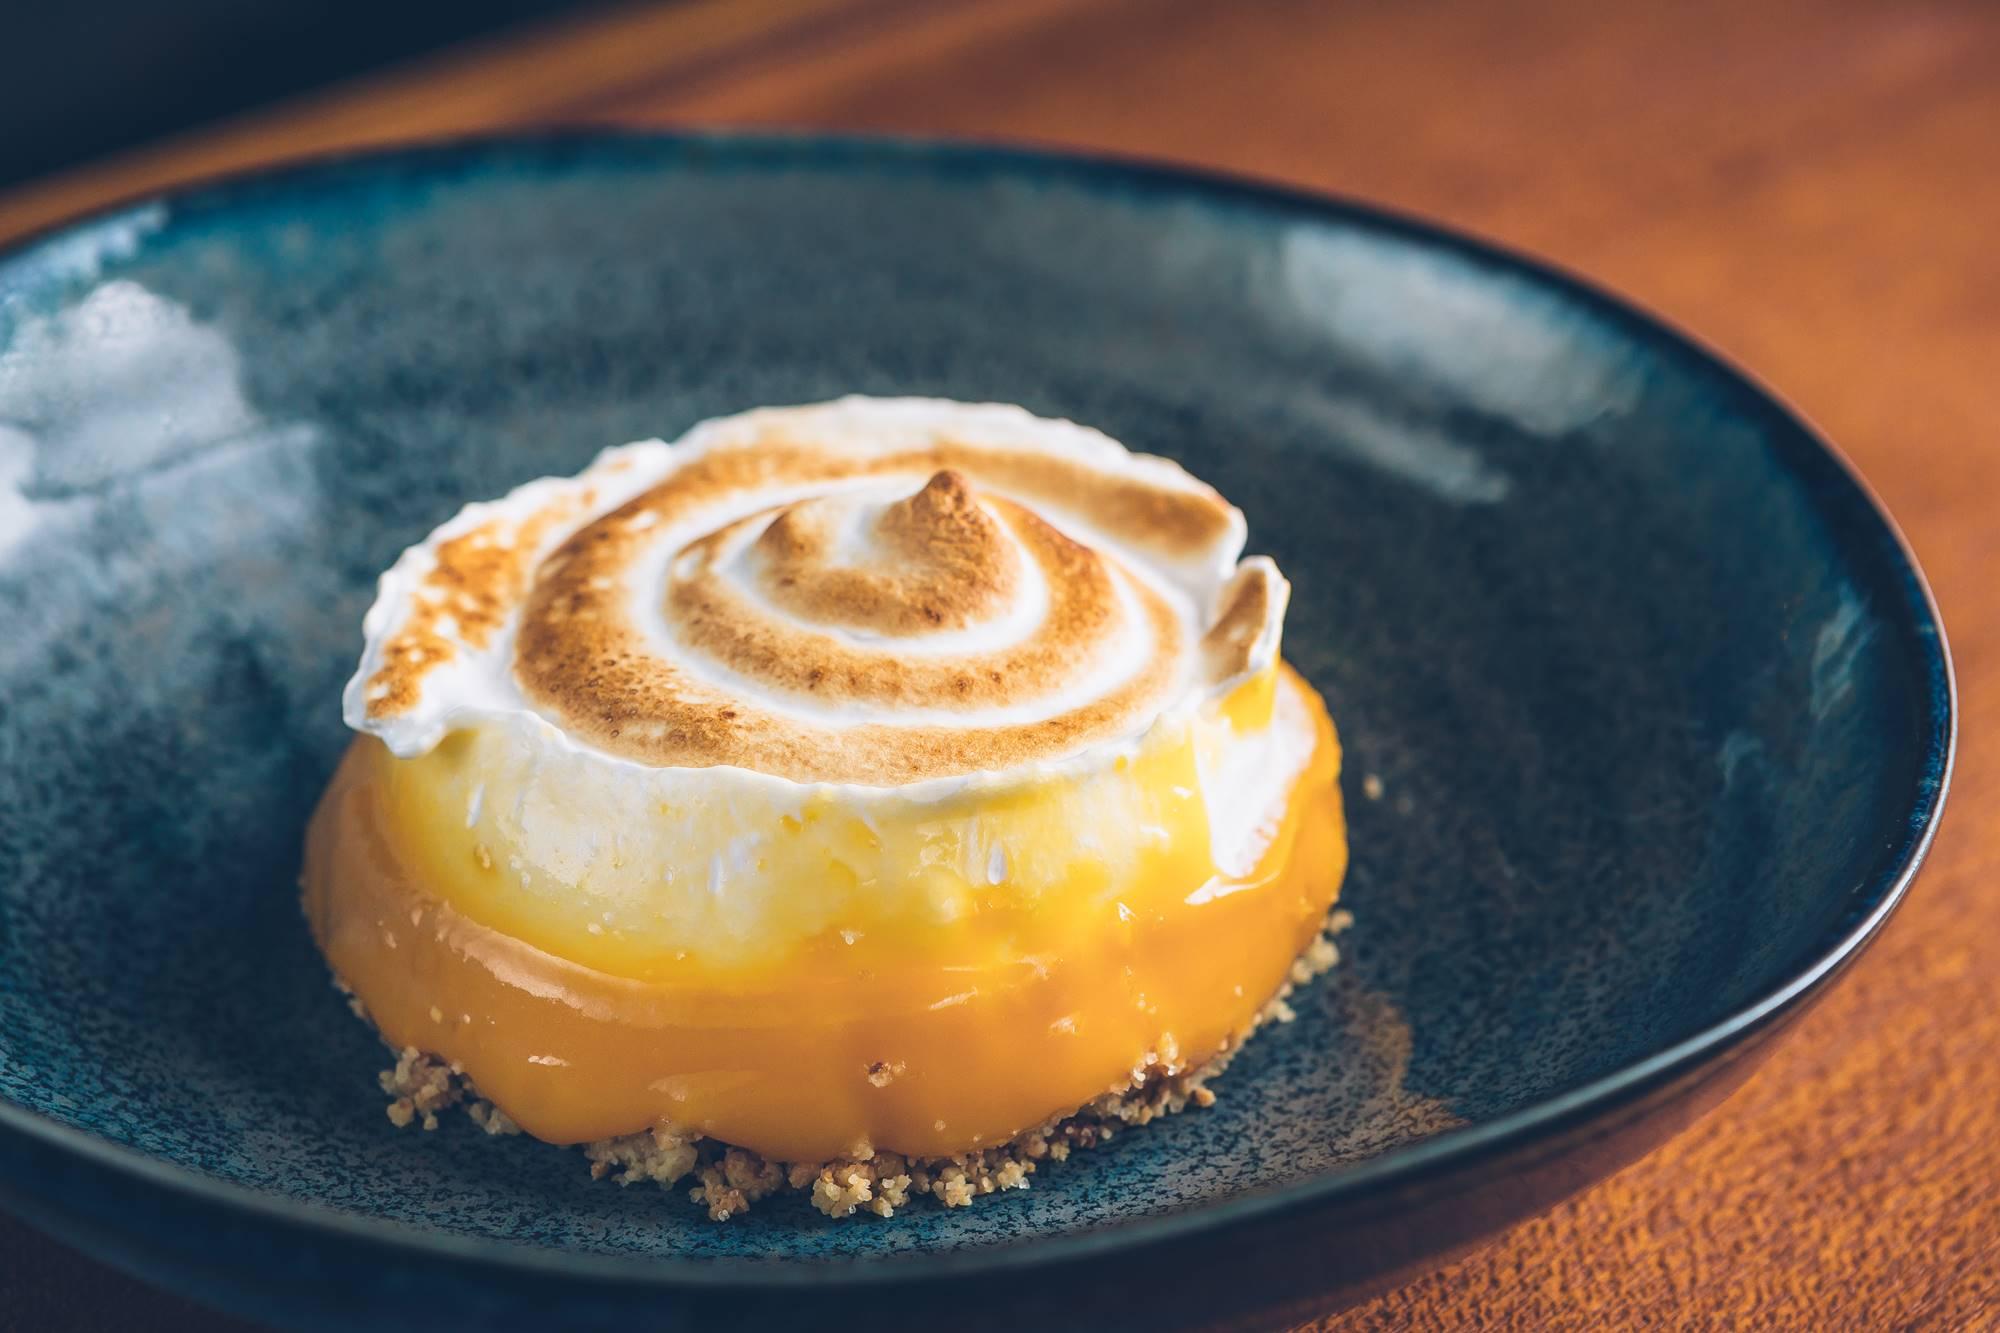 Tarta de limón con merengue de 'Lakasa' de César Martín. Foto: David de Luis.